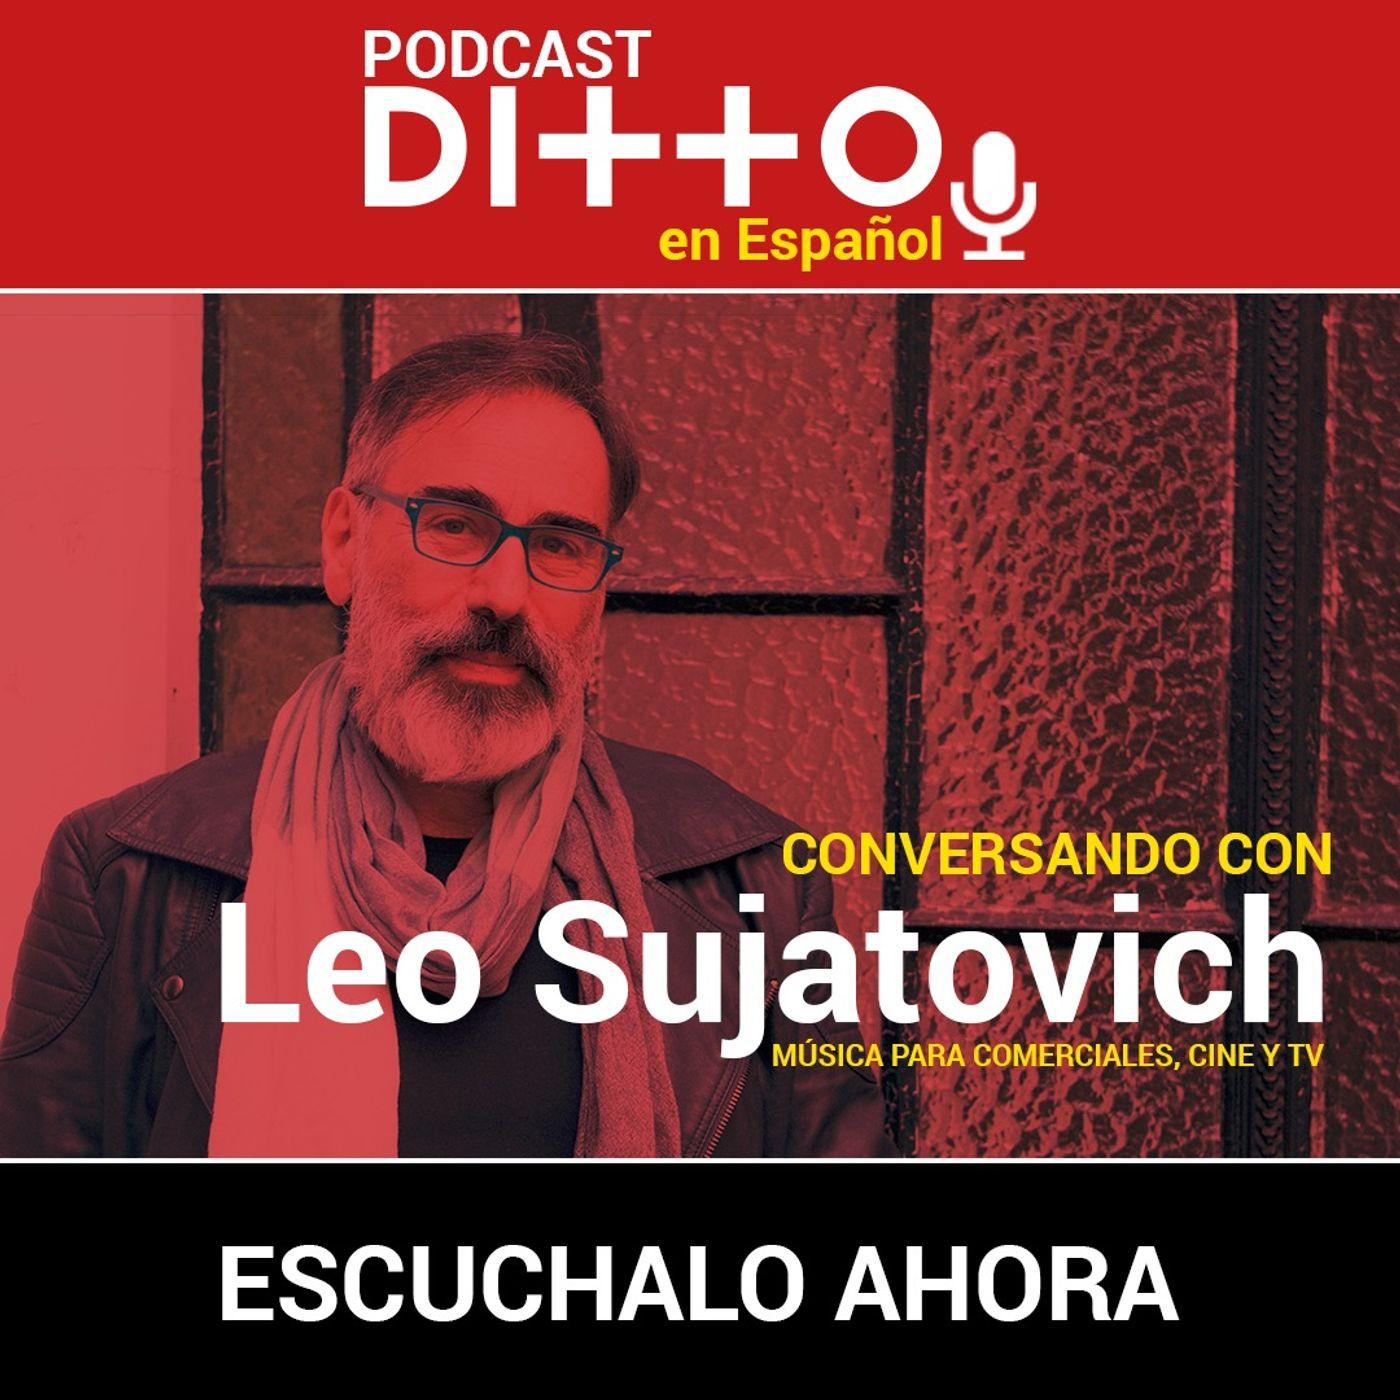 Conversando con Leo Sujatovich: Composición para Comerciales, Cine y TV